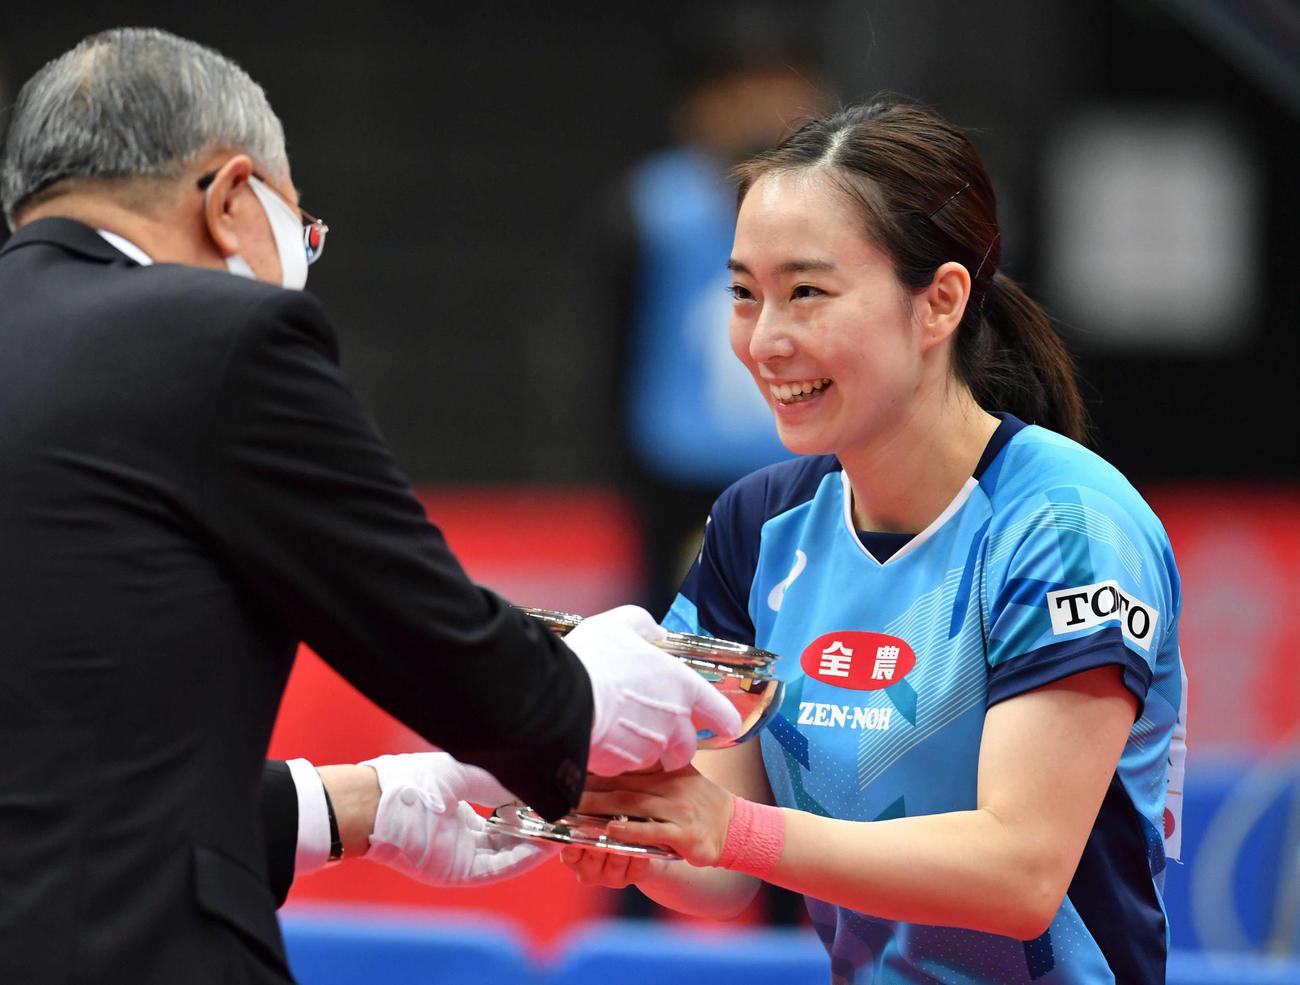 女子シングルスで優勝し、皇后杯を授与され笑顔を見せる石川(撮影・岩下翔太)